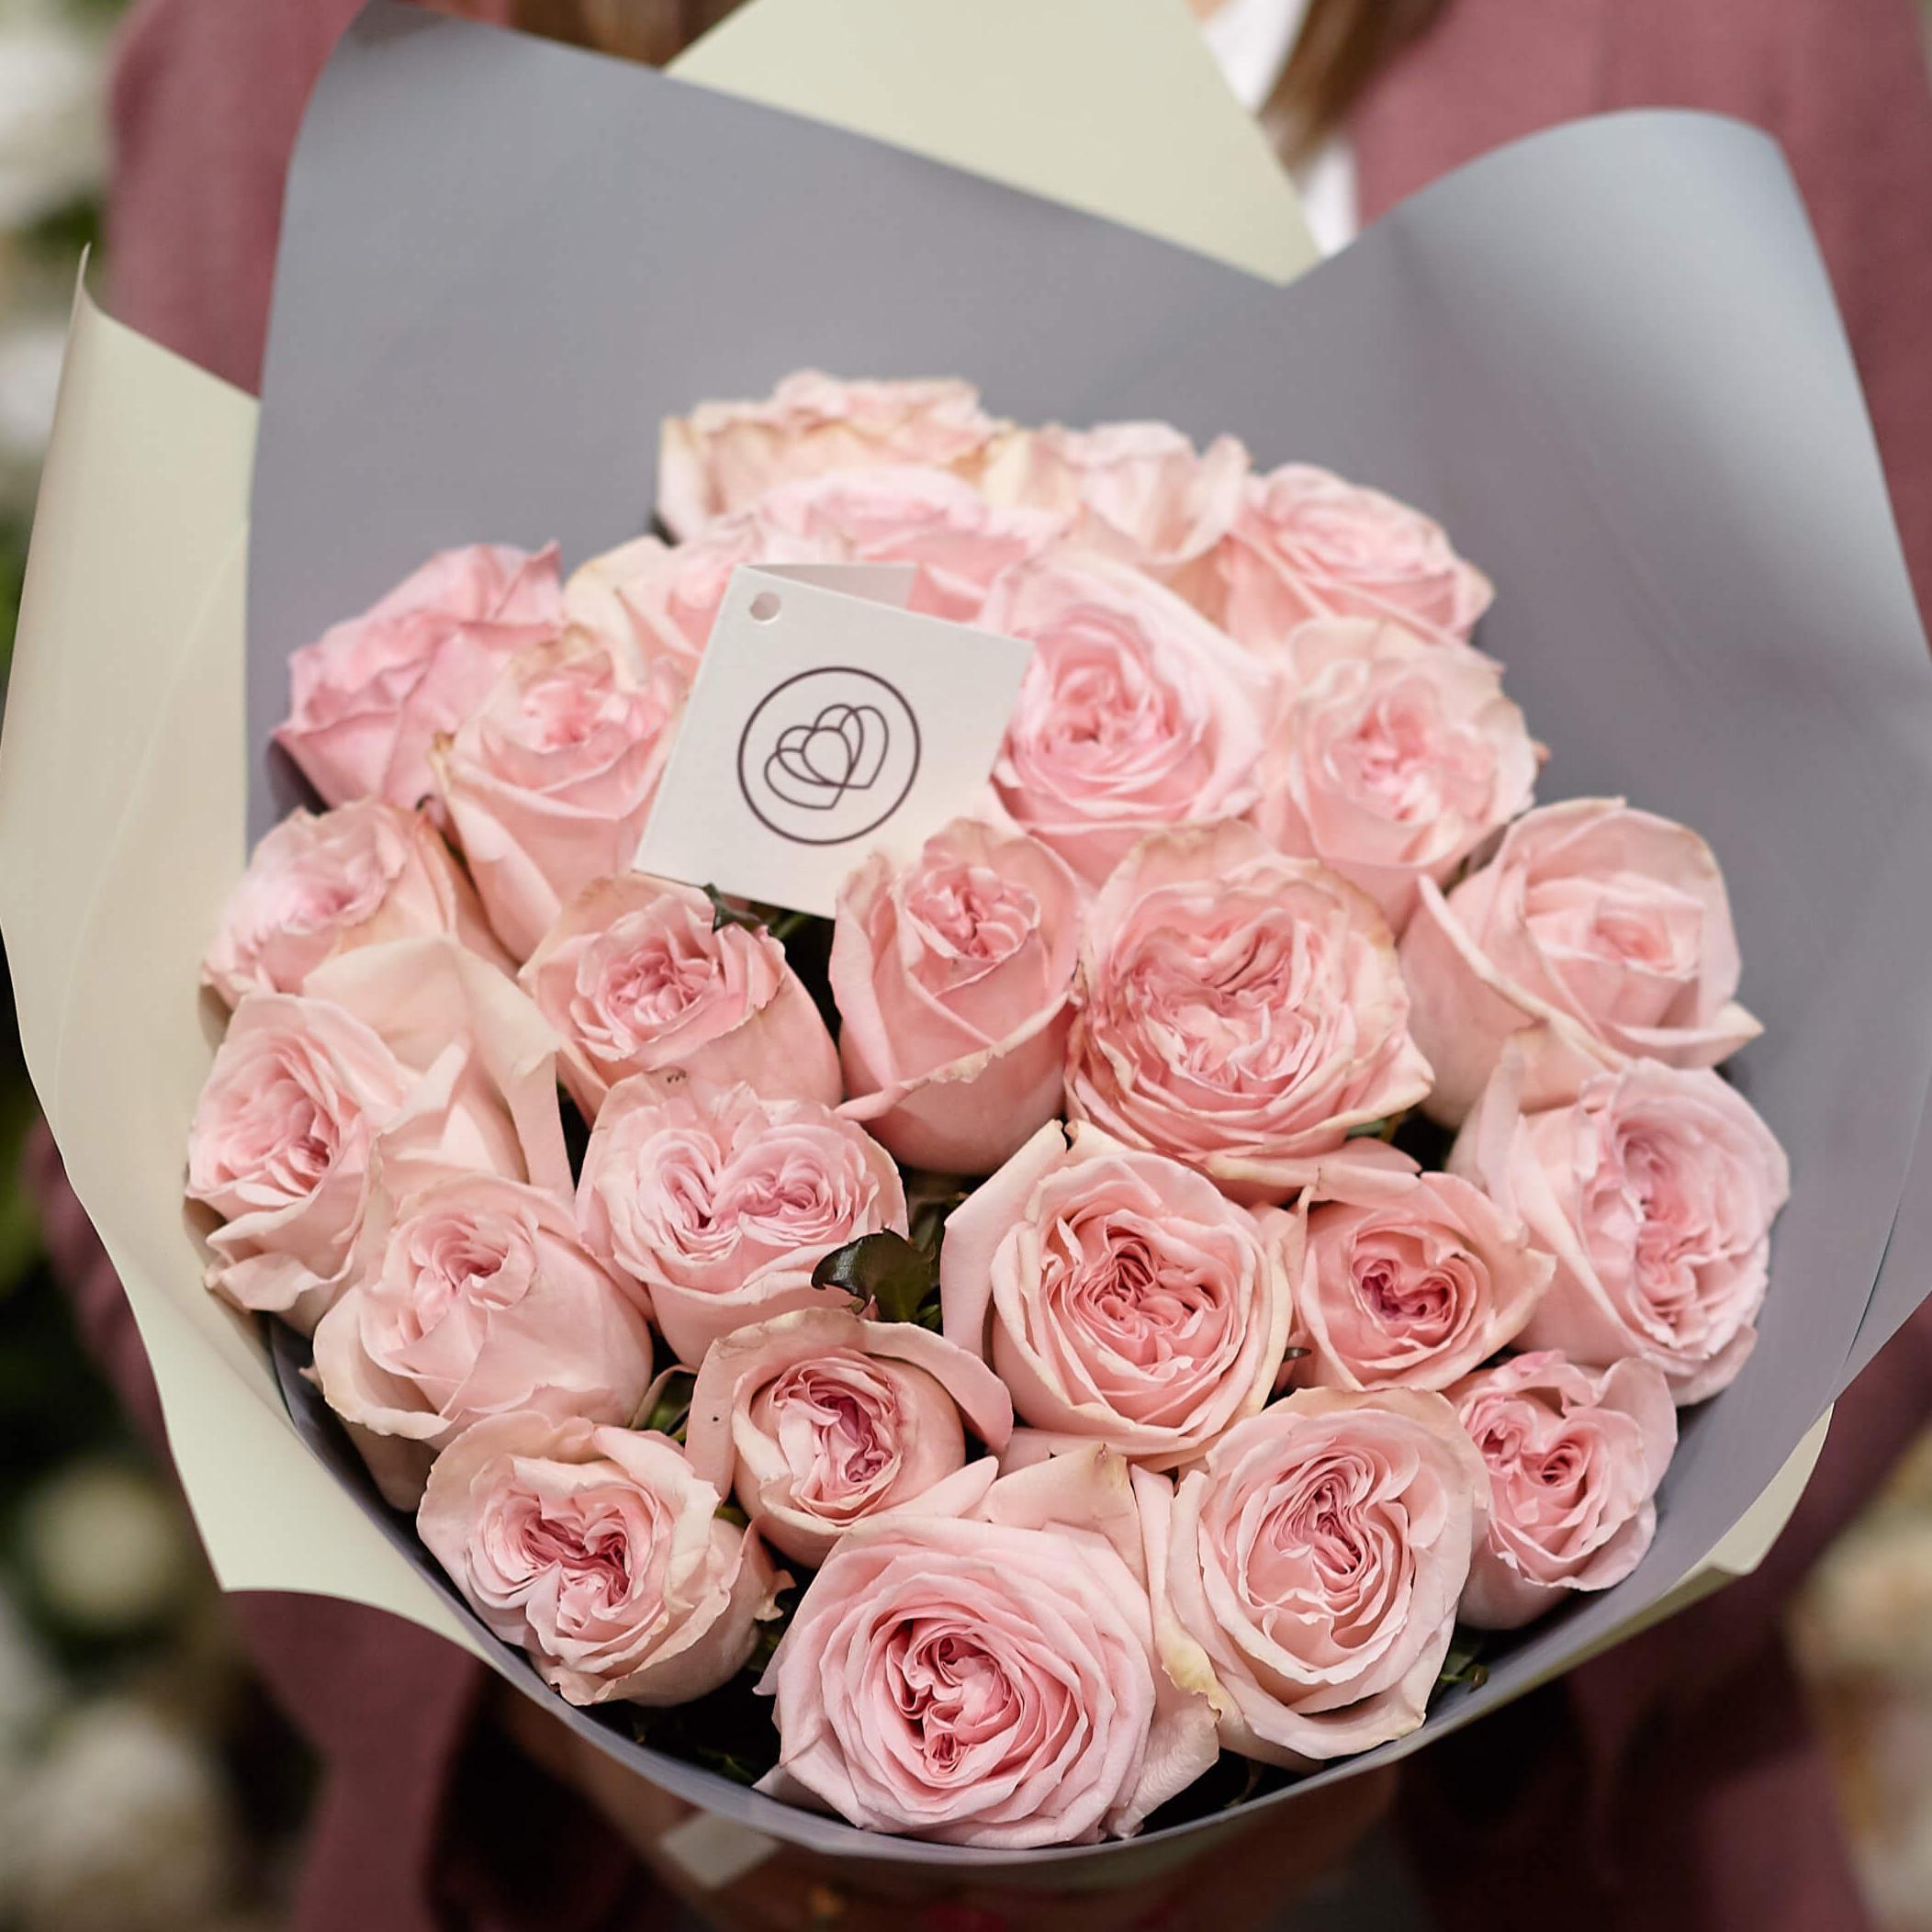 25 пионовидных роз Pink O'Hara 40 см в дизайнерской упаковке фото